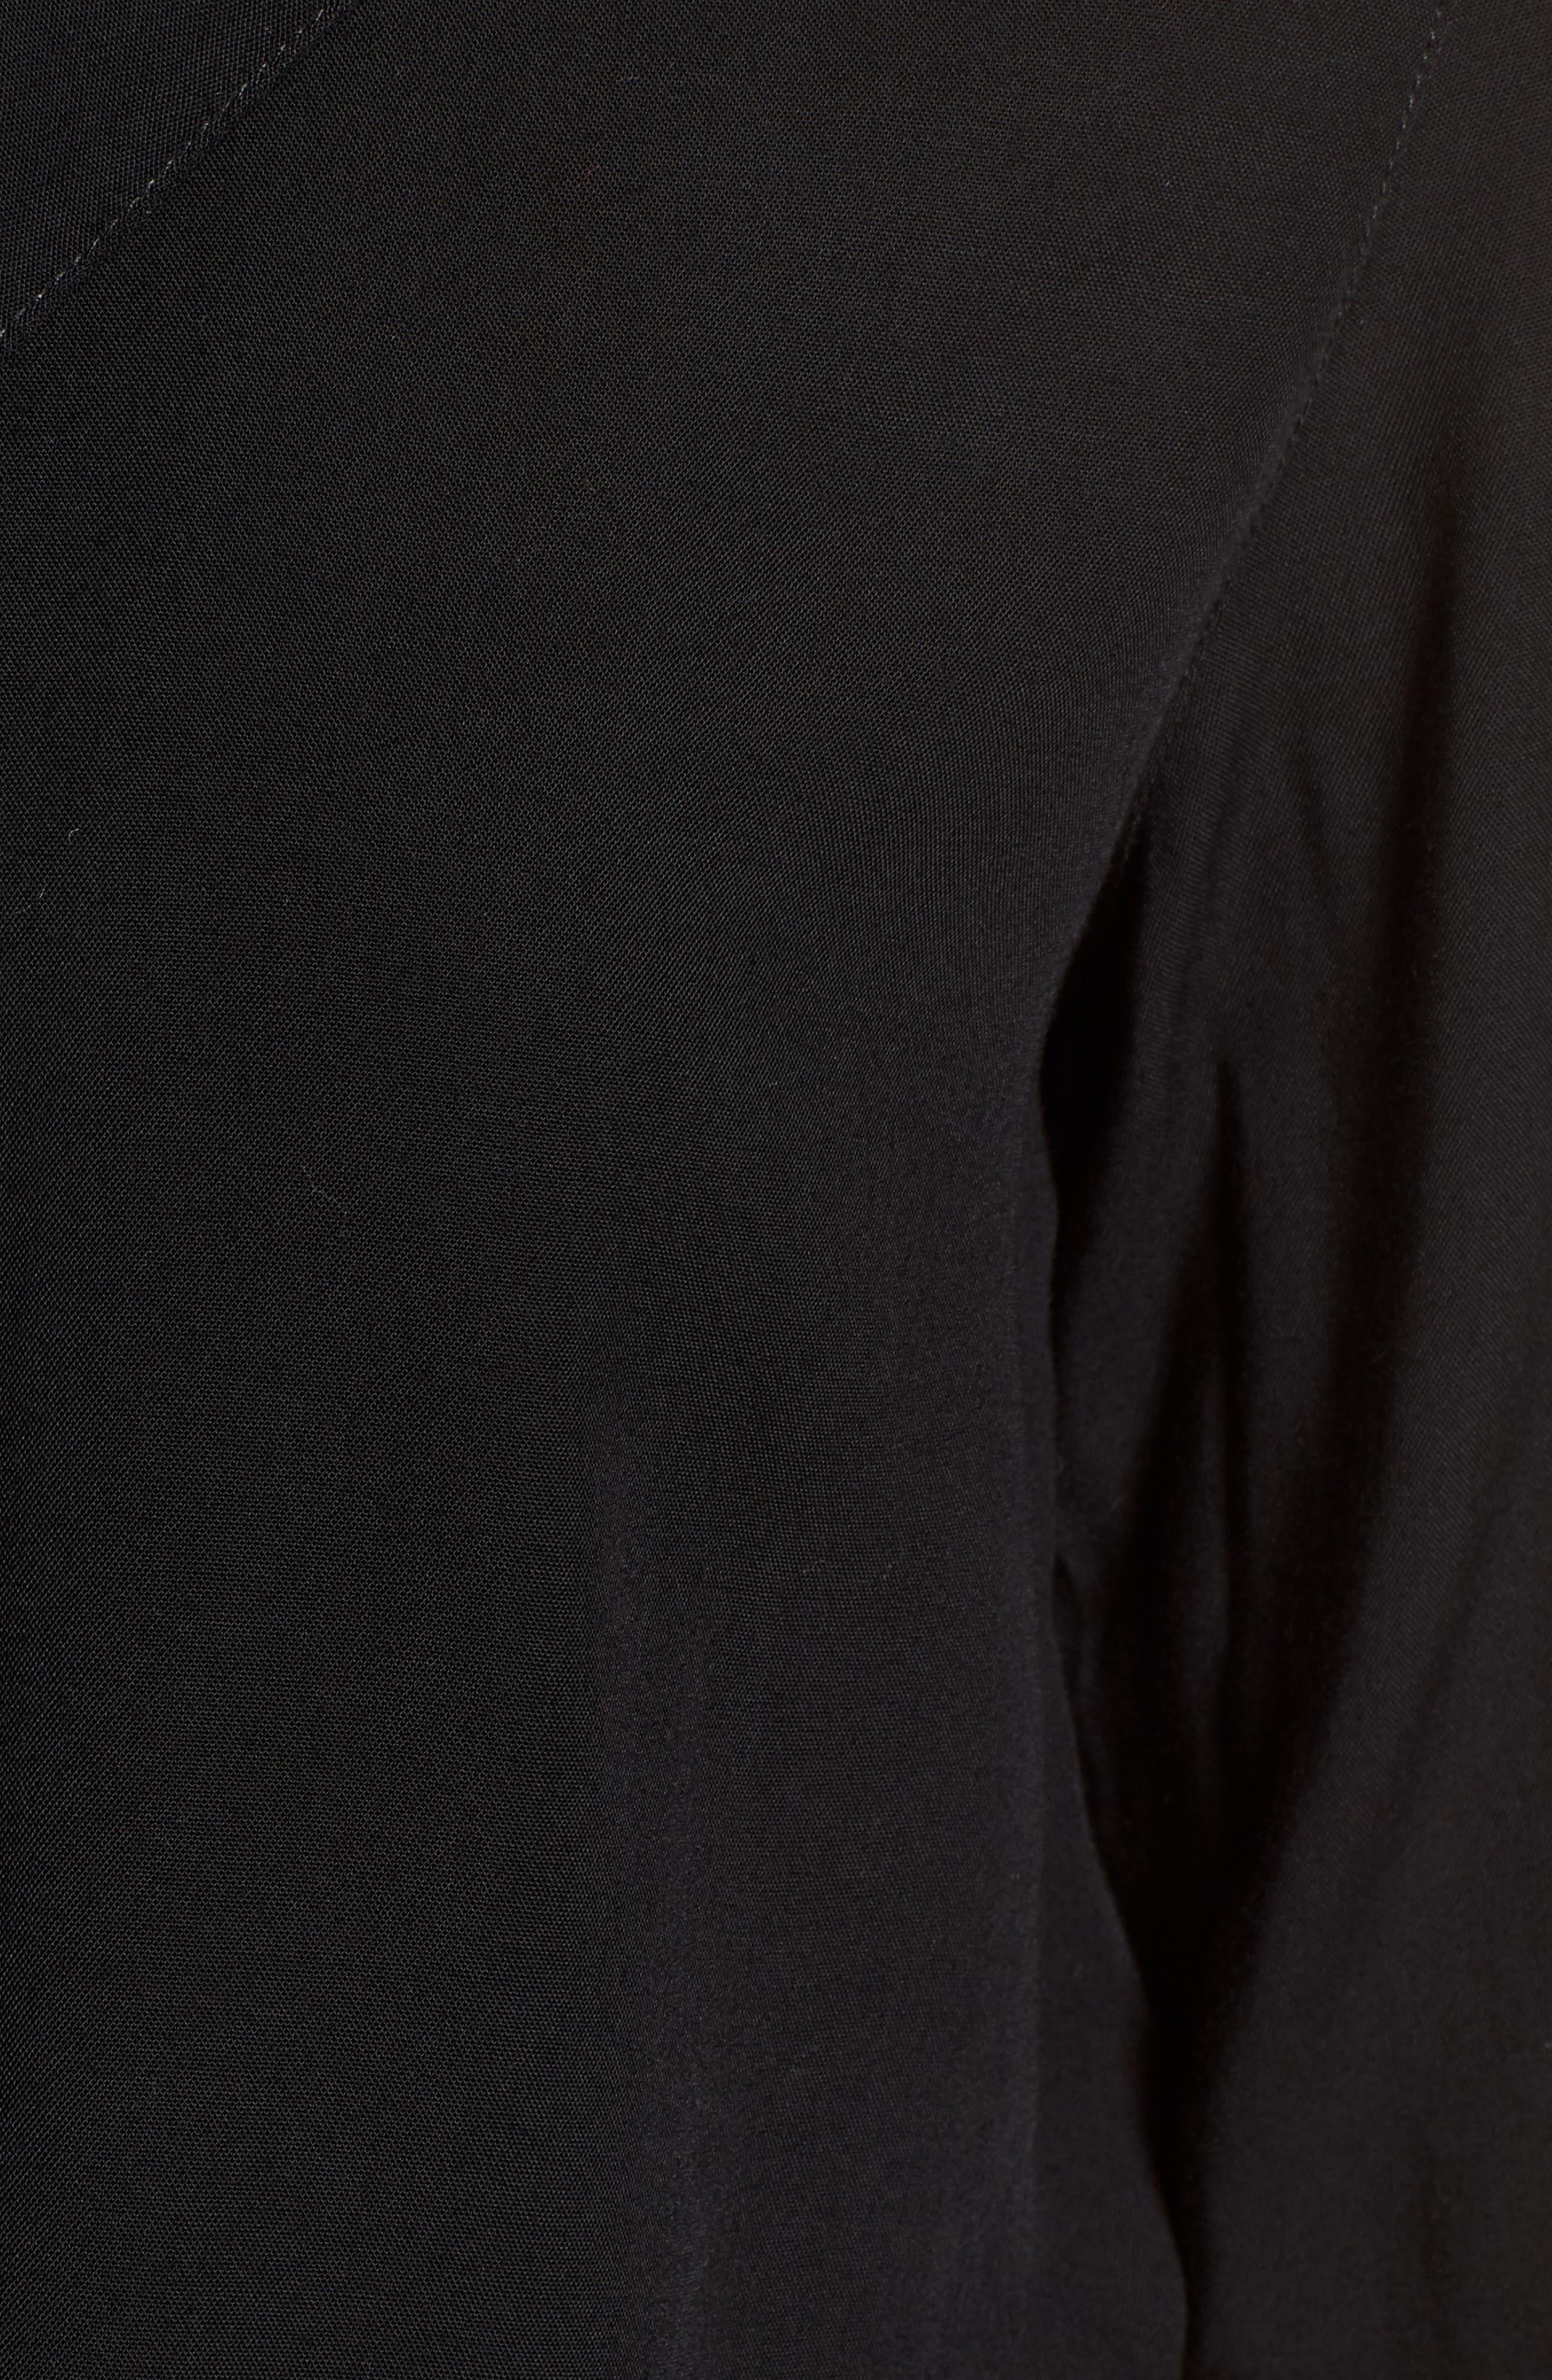 Tie Front Shirt,                             Alternate thumbnail 6, color,                             001